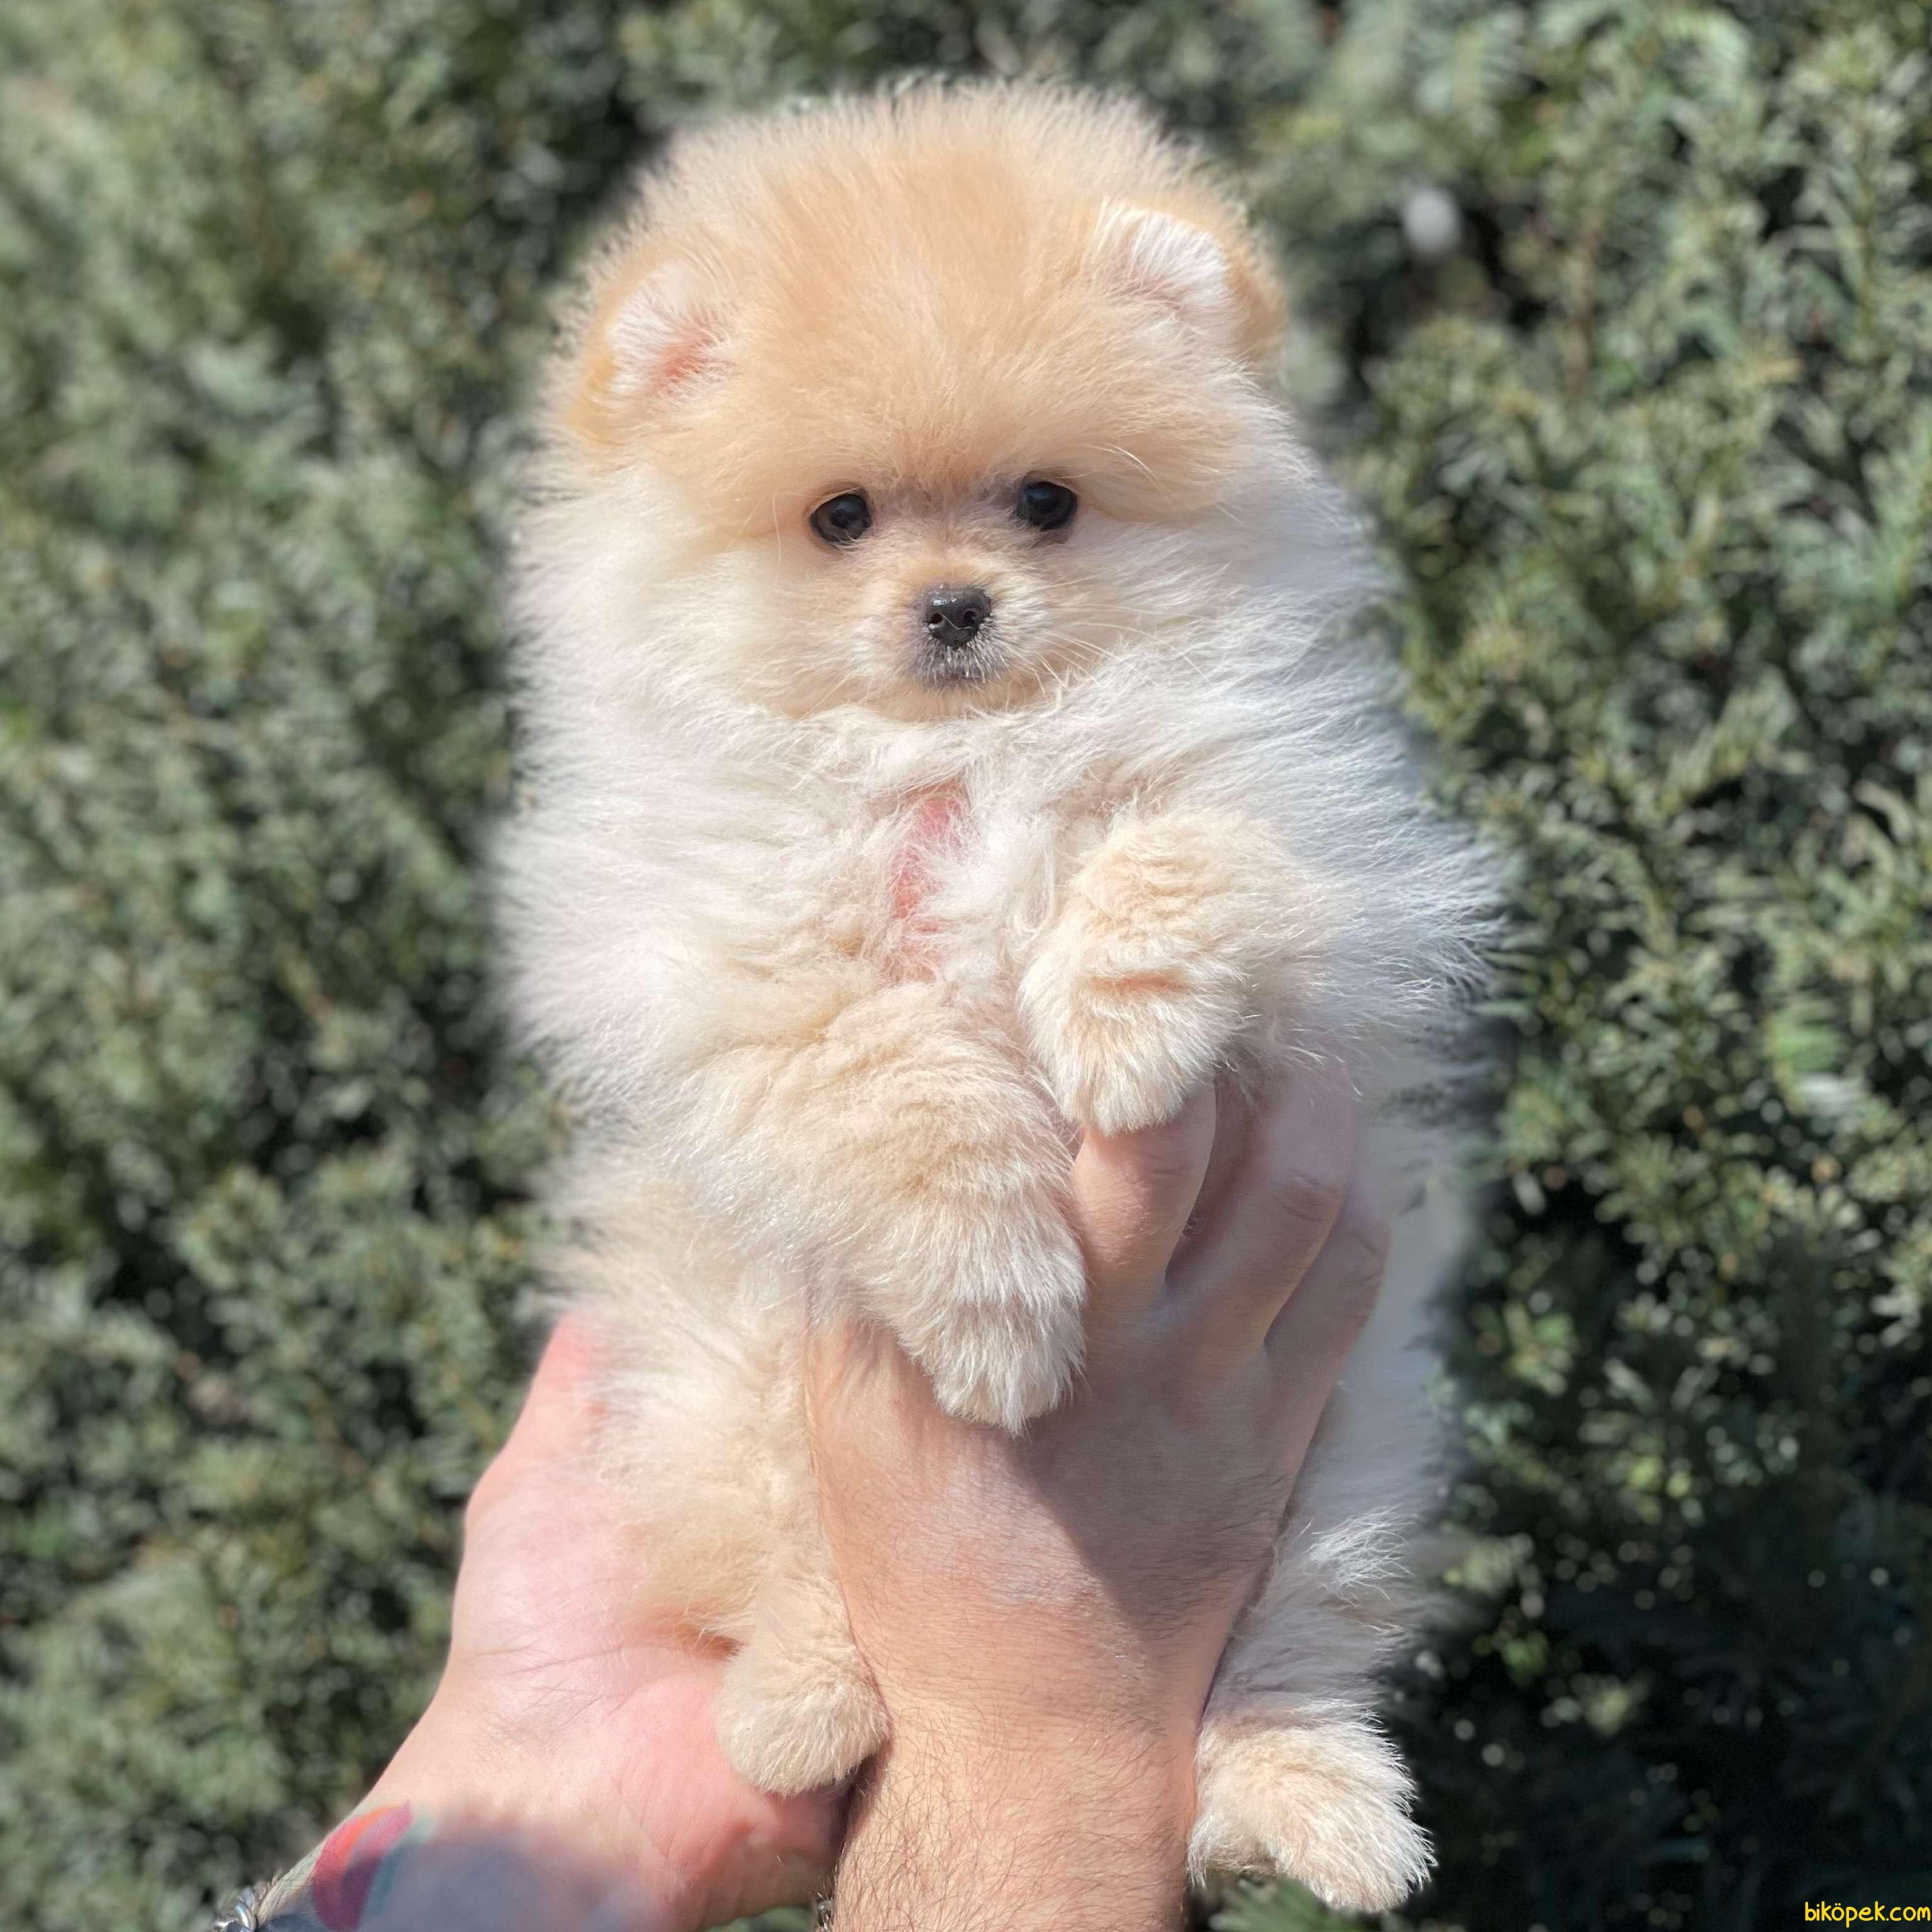 Birbirinden Güzel Dişi Erkek Pomeranian Bi Yavrular 1